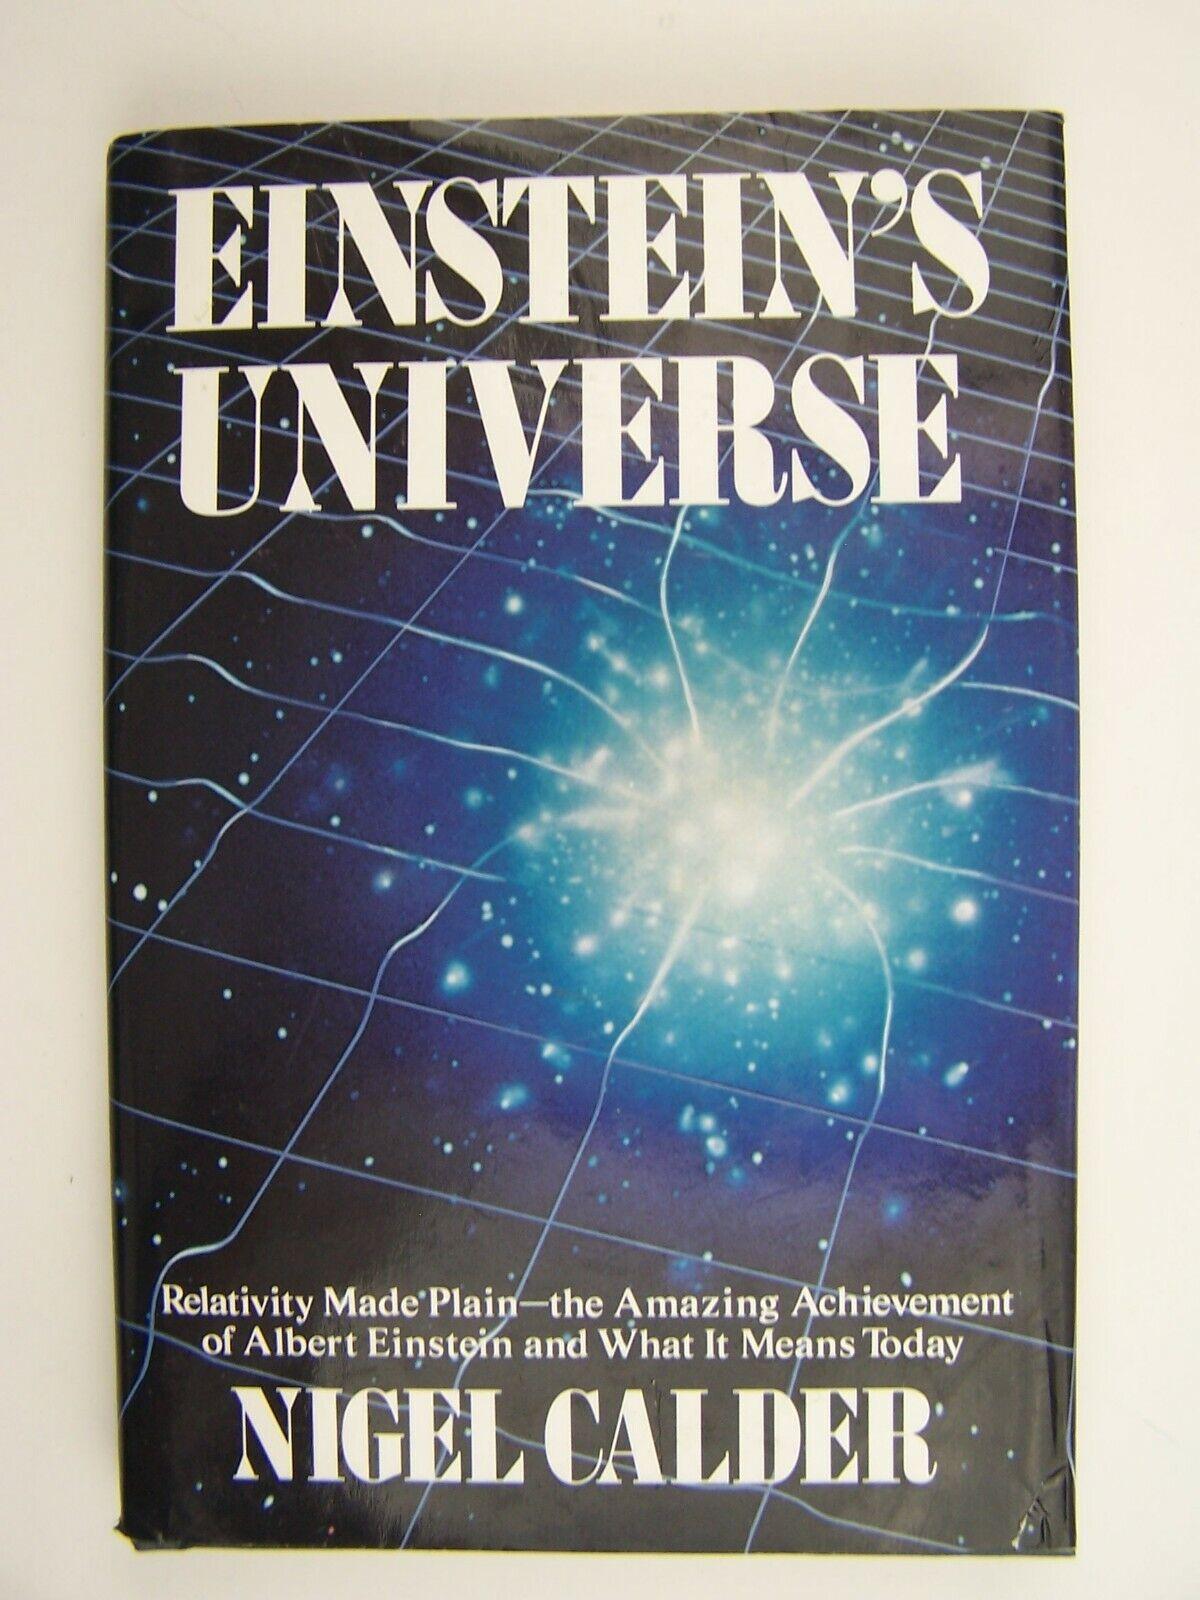 Einstein's Universe Hardcover by Nigel Calder